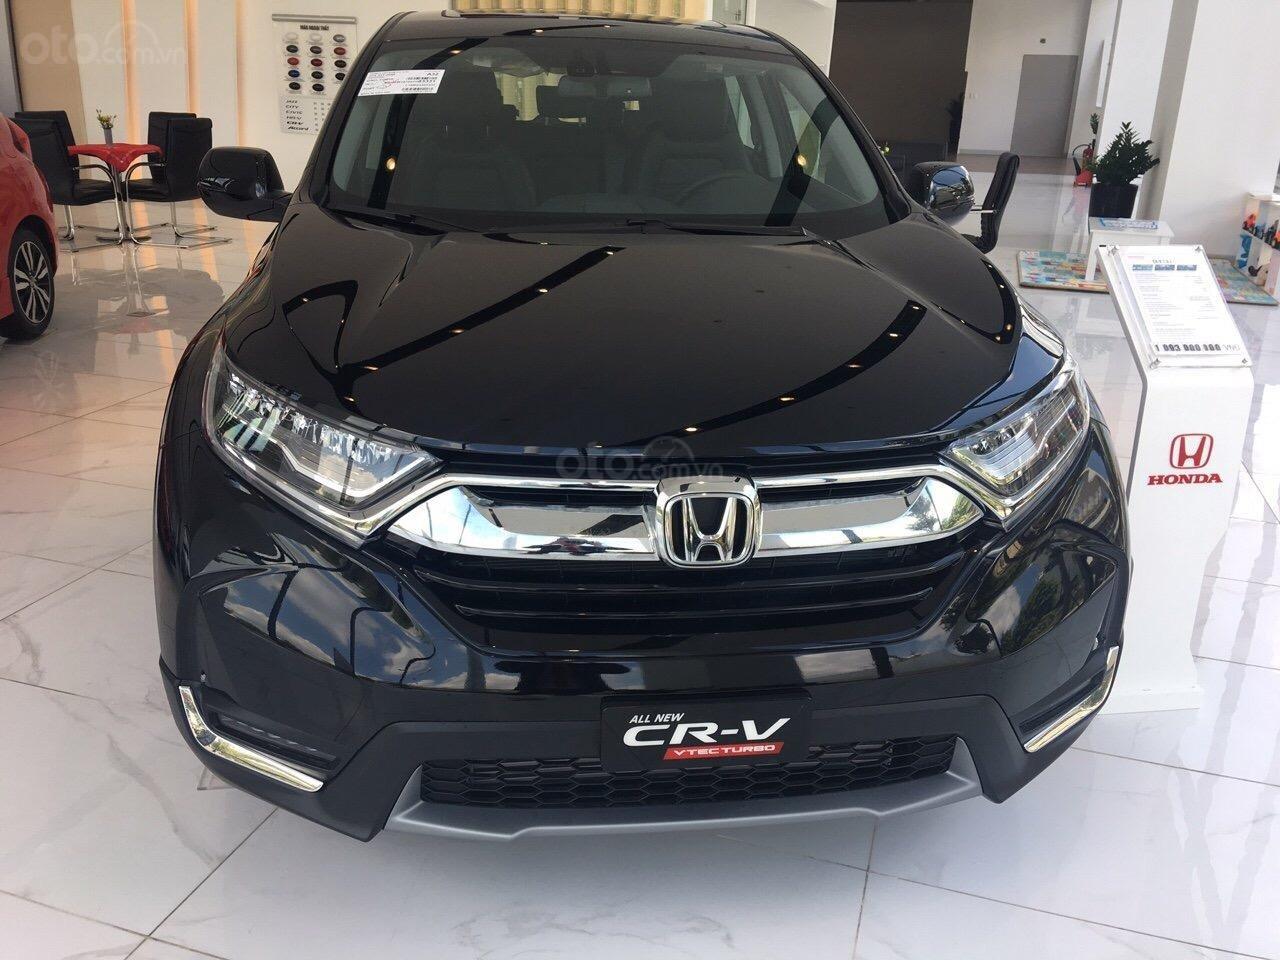 Honda CRV L đen - mới 100%, xe giao tháng 5, LH 0909.615.944 để nhận báo giá tốt nhất-1